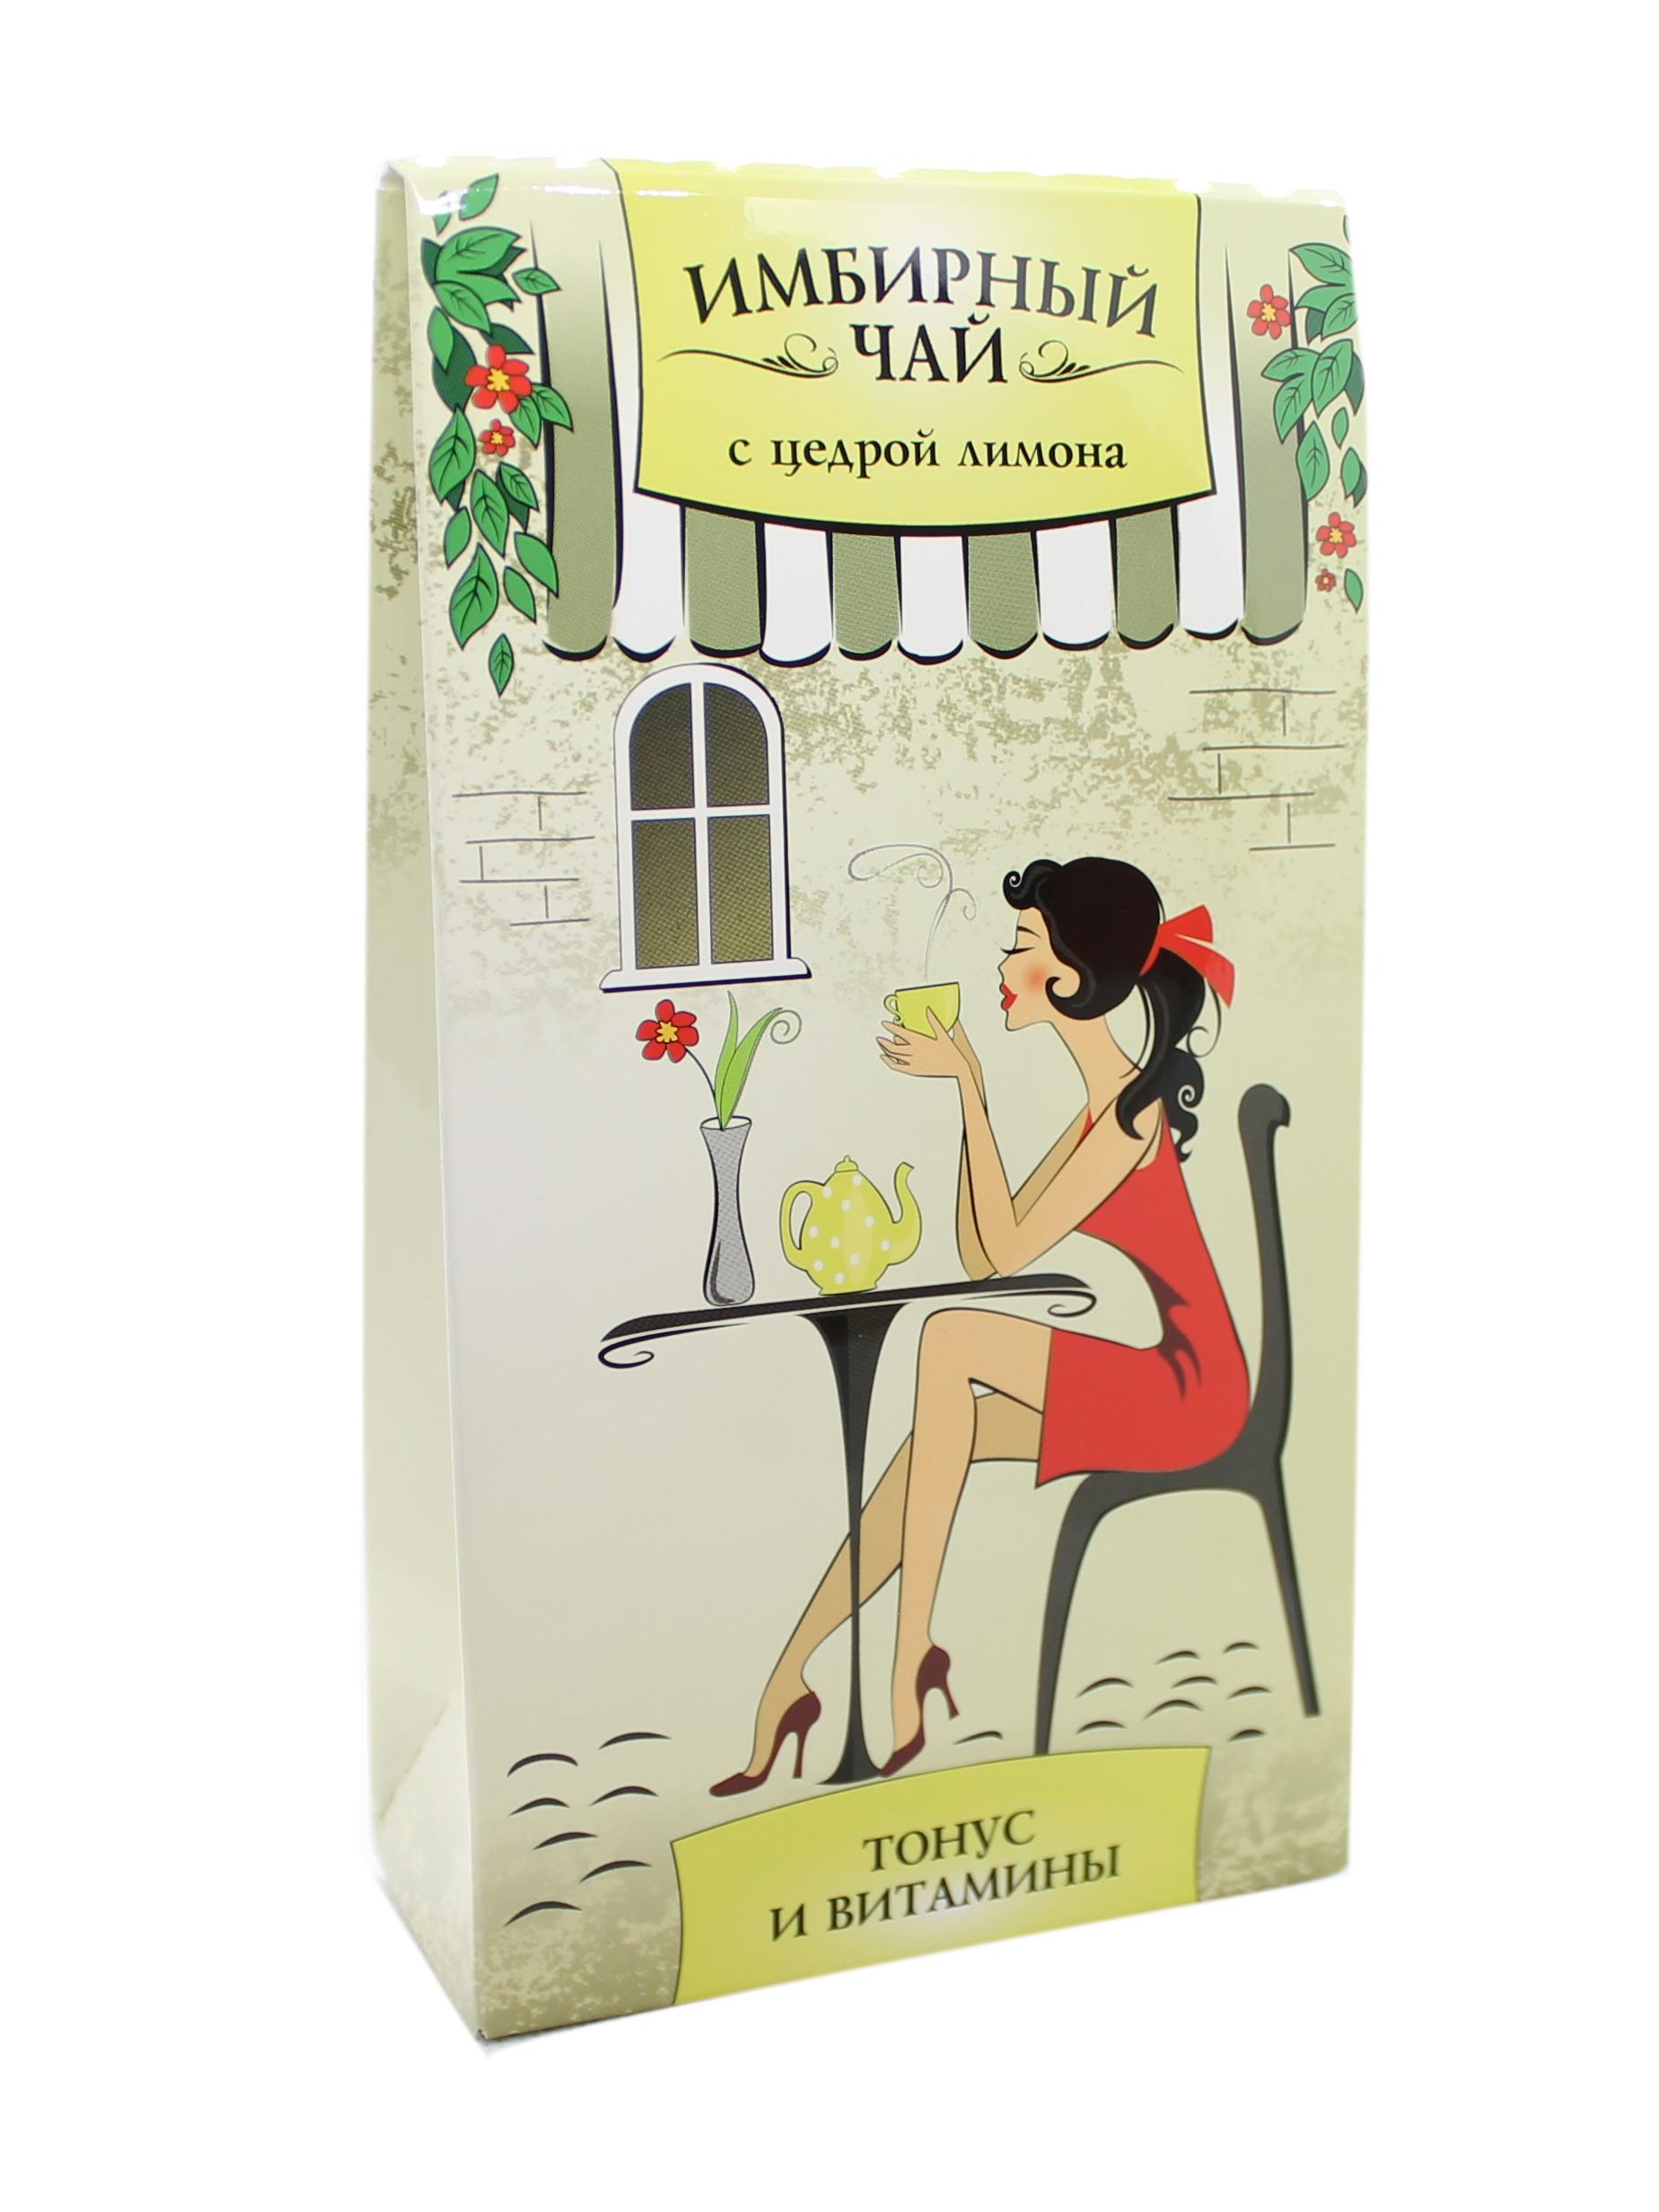 Чай в пакетиках Green SIDE Имбирный c цедрой лимона 1,5г 20 фильтр-пакетов цена